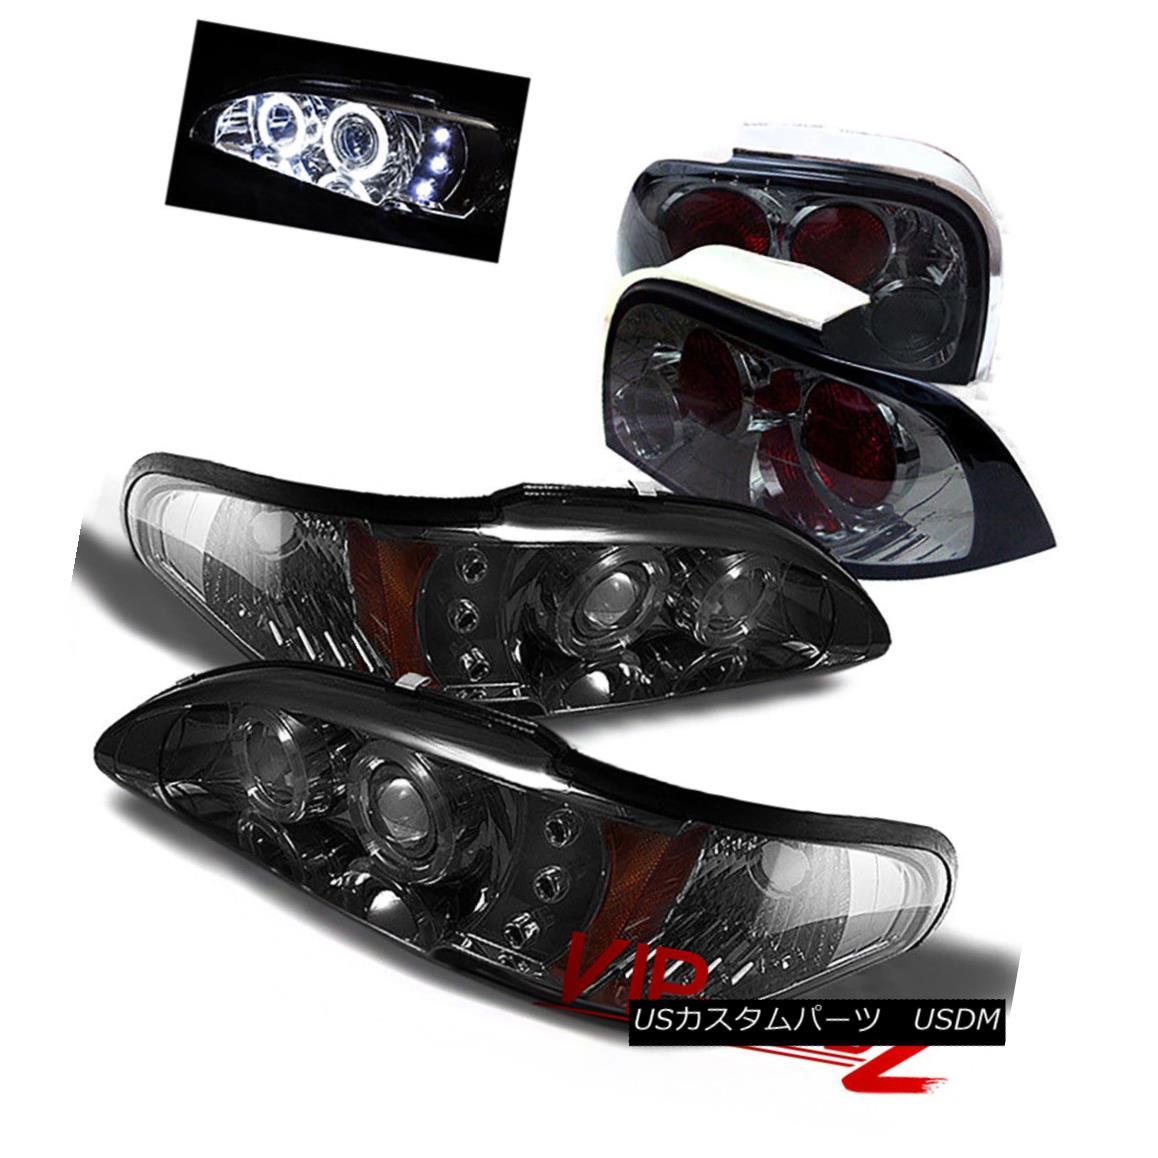 ヘッドライト 94-96 Ford Mustang V8 GT Smoke 1PC Headlight+Corner Lamp+Altezza Tail Light L+R 94-96フォードマスタングV8 GT煙1PCヘッドライト+コーン erランプ+ AltezzaテールライトL + R